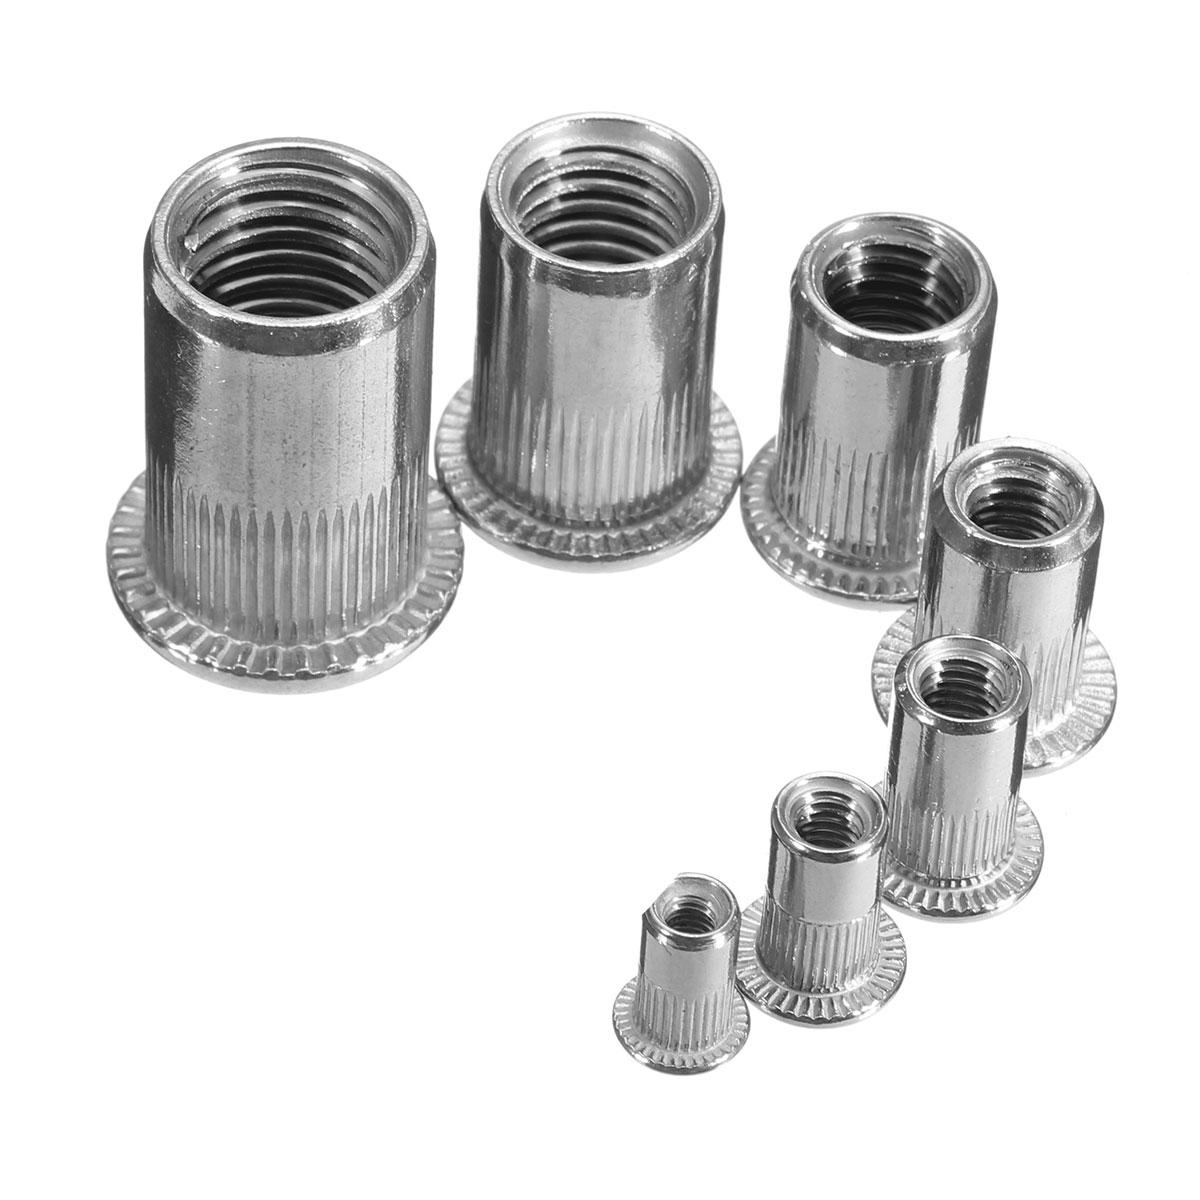 Pcs slilver threaded steel rivnuts blindnuts nutserts